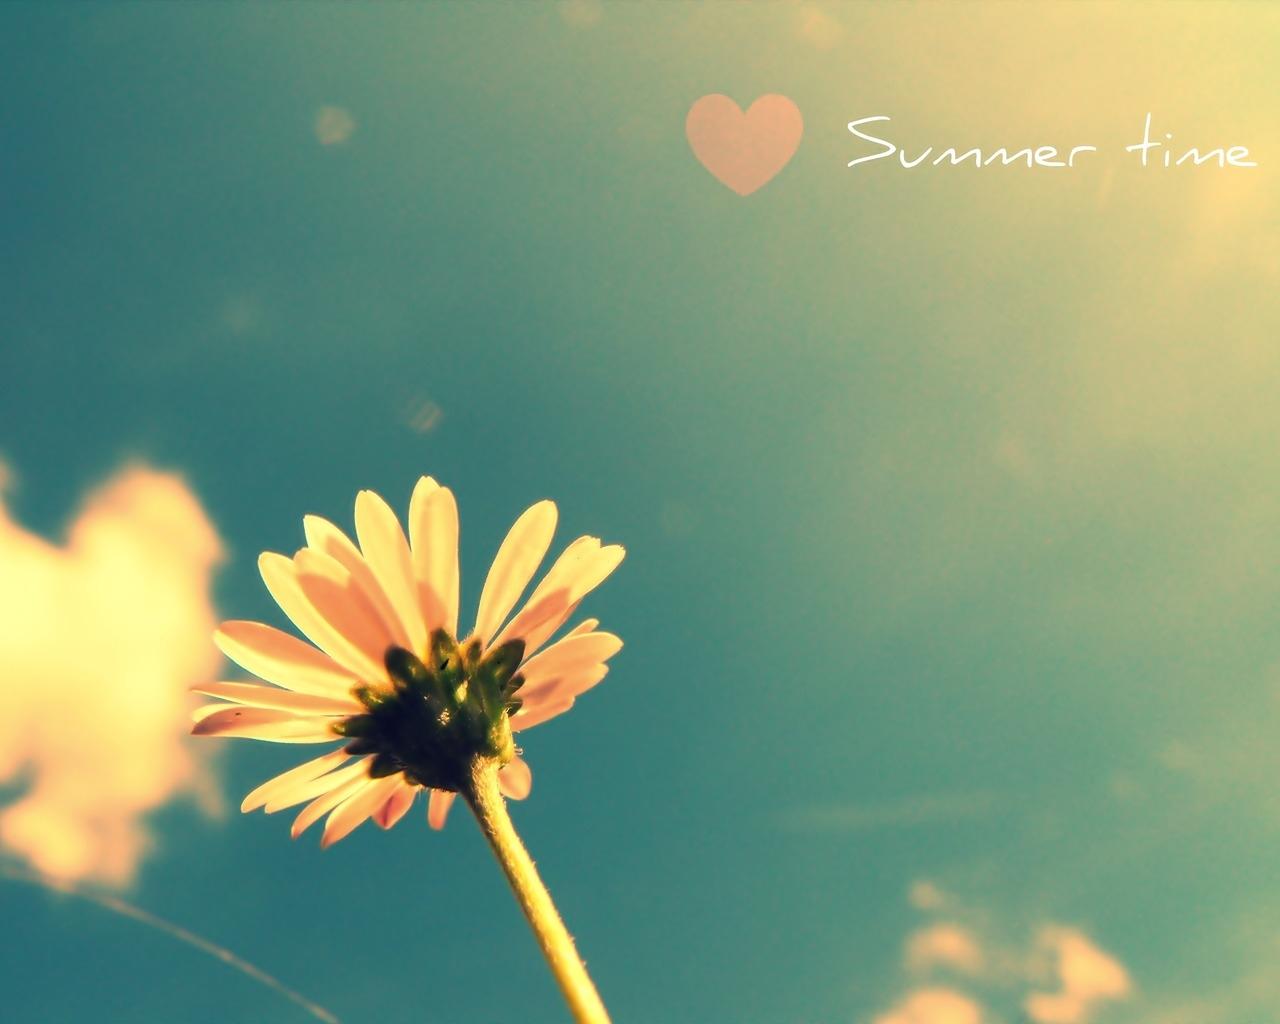 обои для рабочего стола лето любовь № 449394 бесплатно